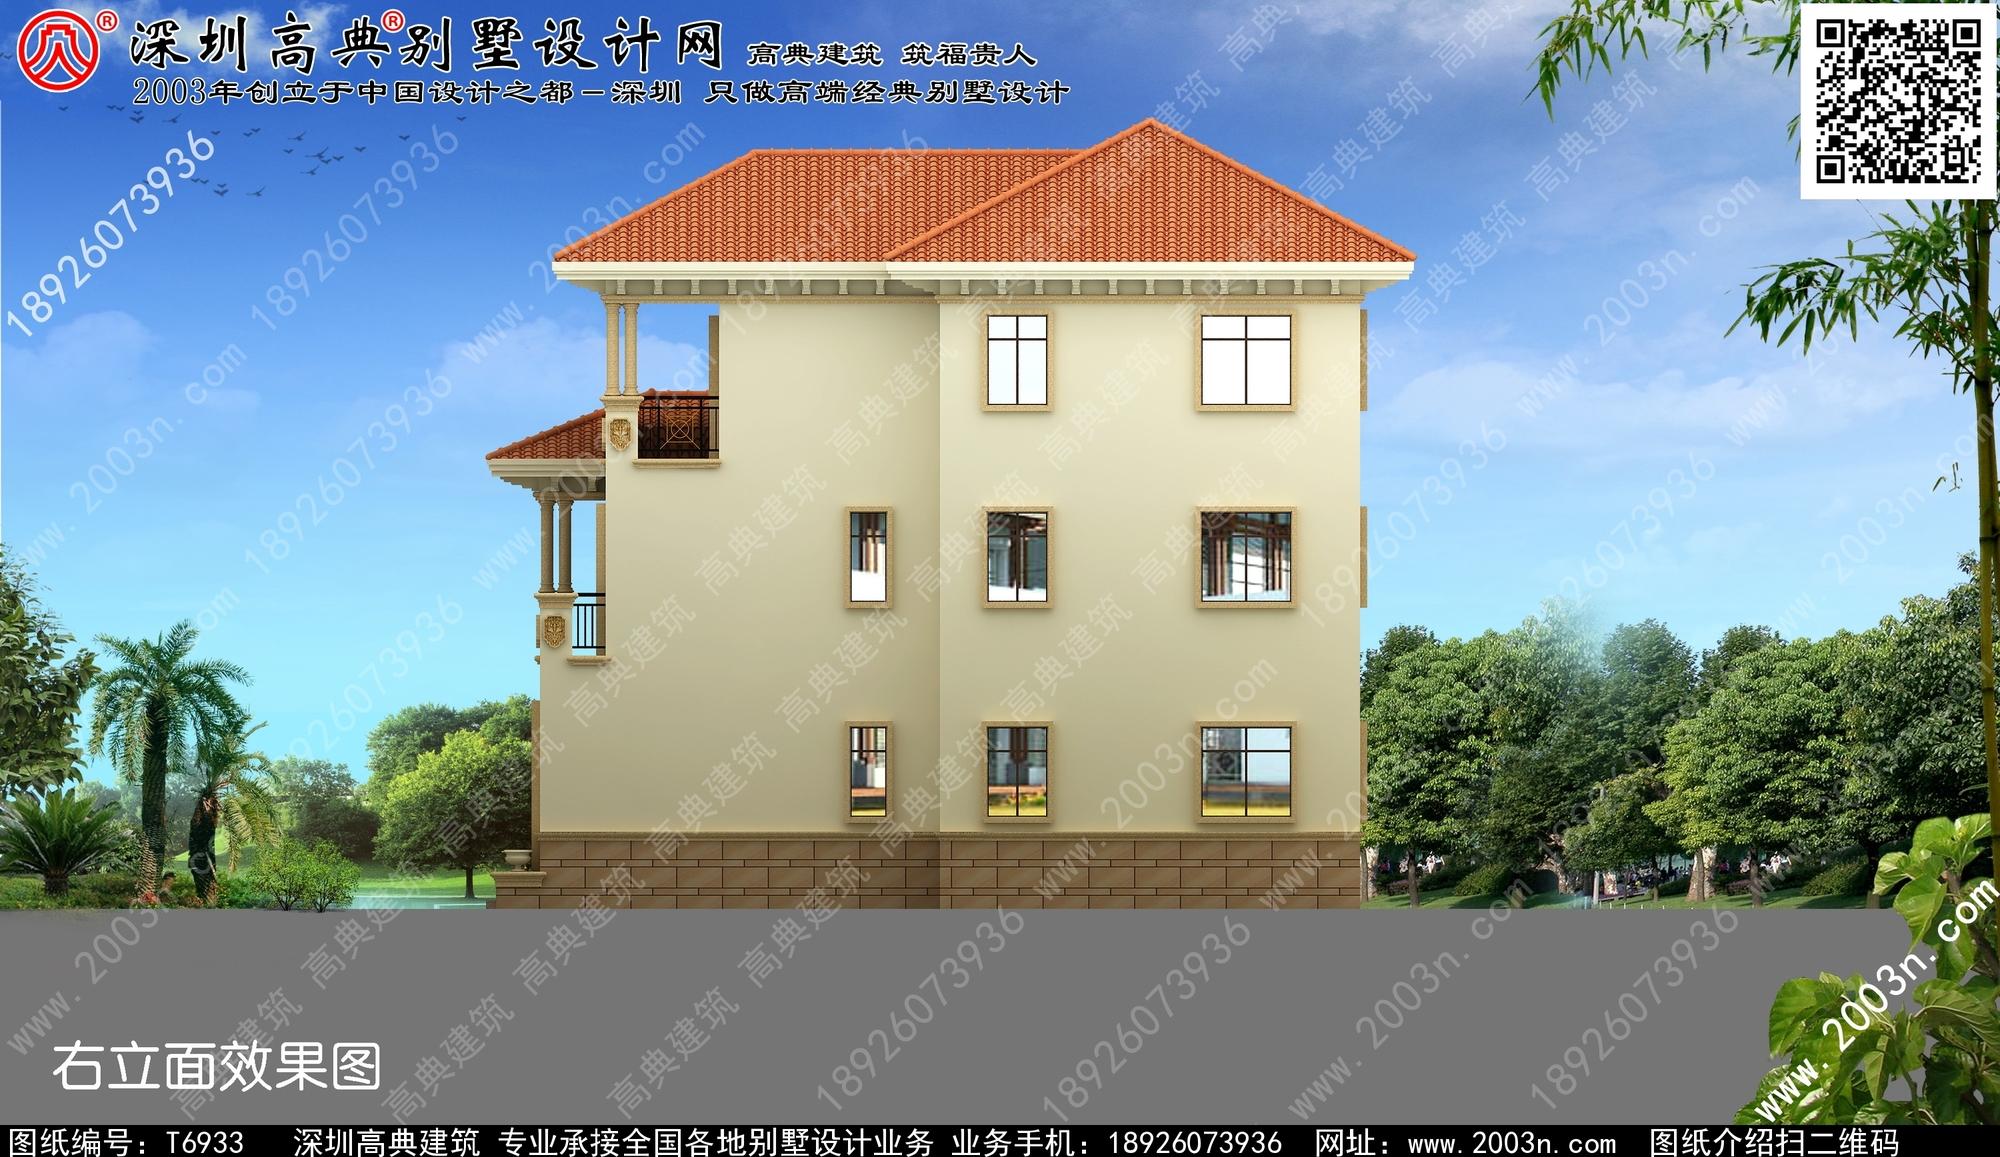 带车库别墅设计效果图三层/作品编号t6933号首层172平米